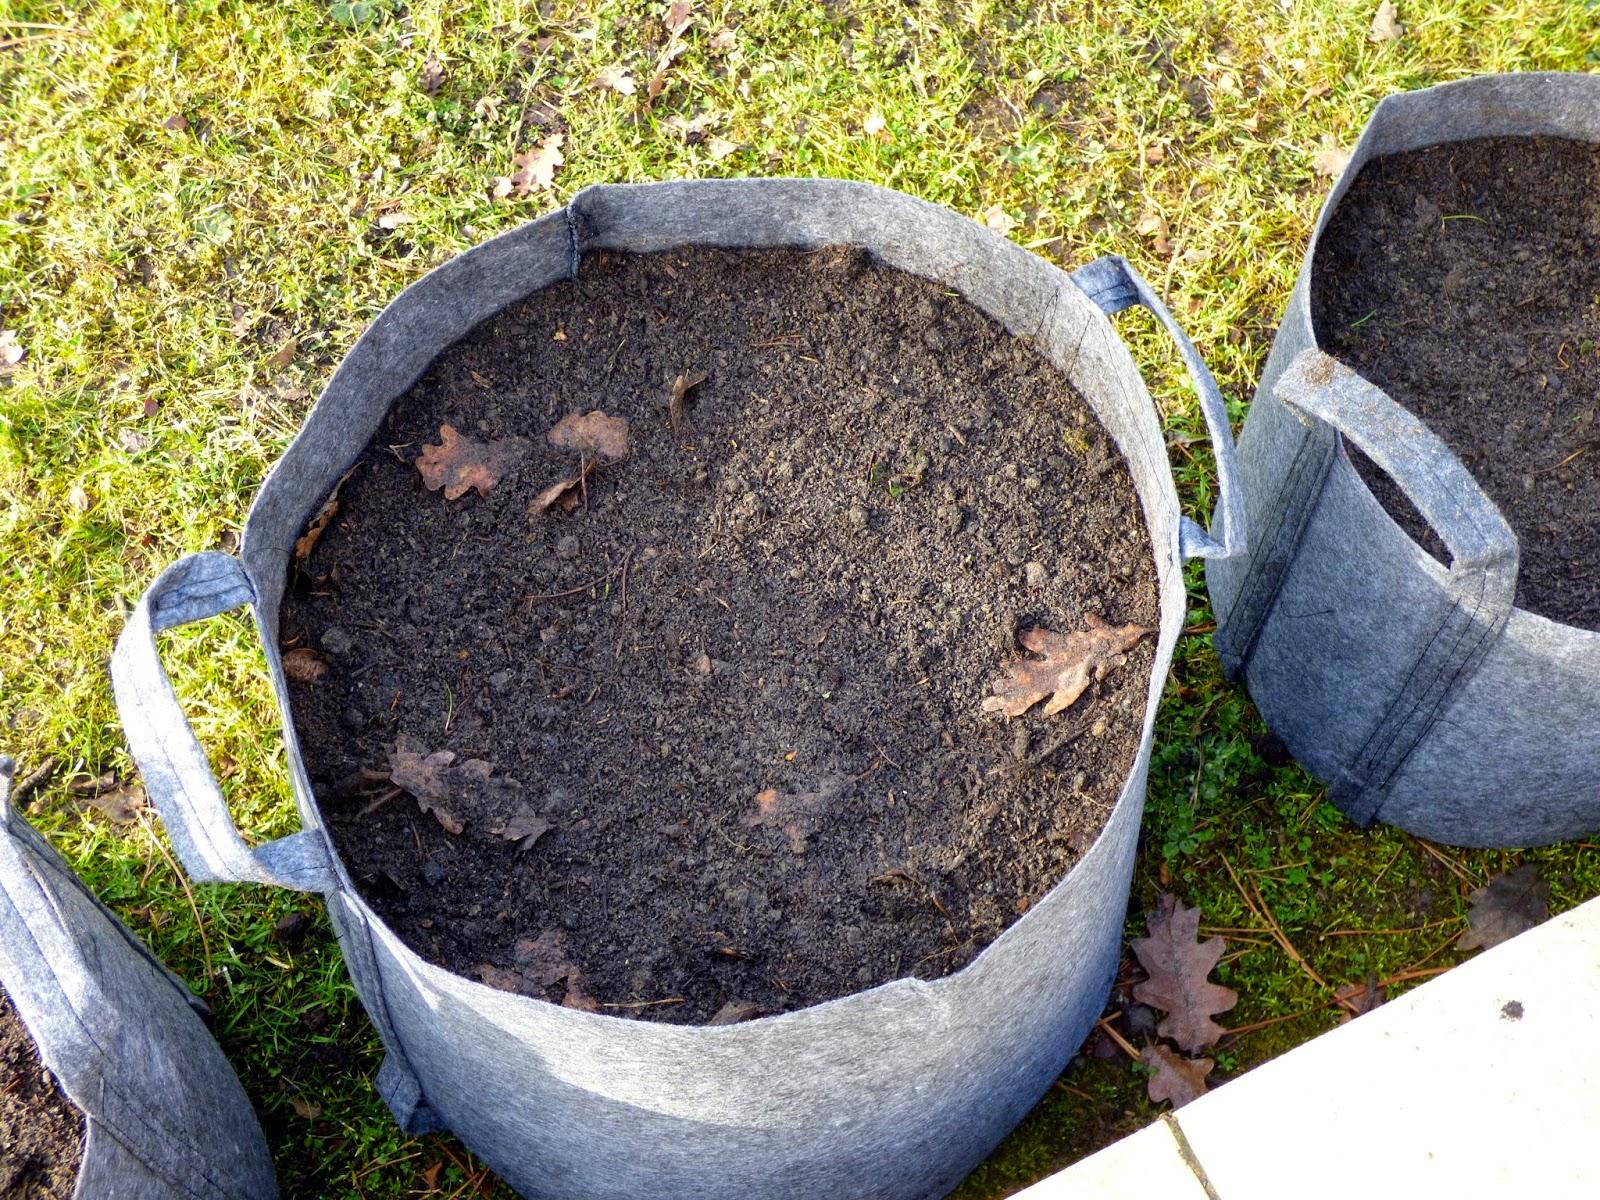 Une semaine paris for t jardiner le d fi potager 2 le jardin en bacs textile - Arrosage gazon apres semis ...